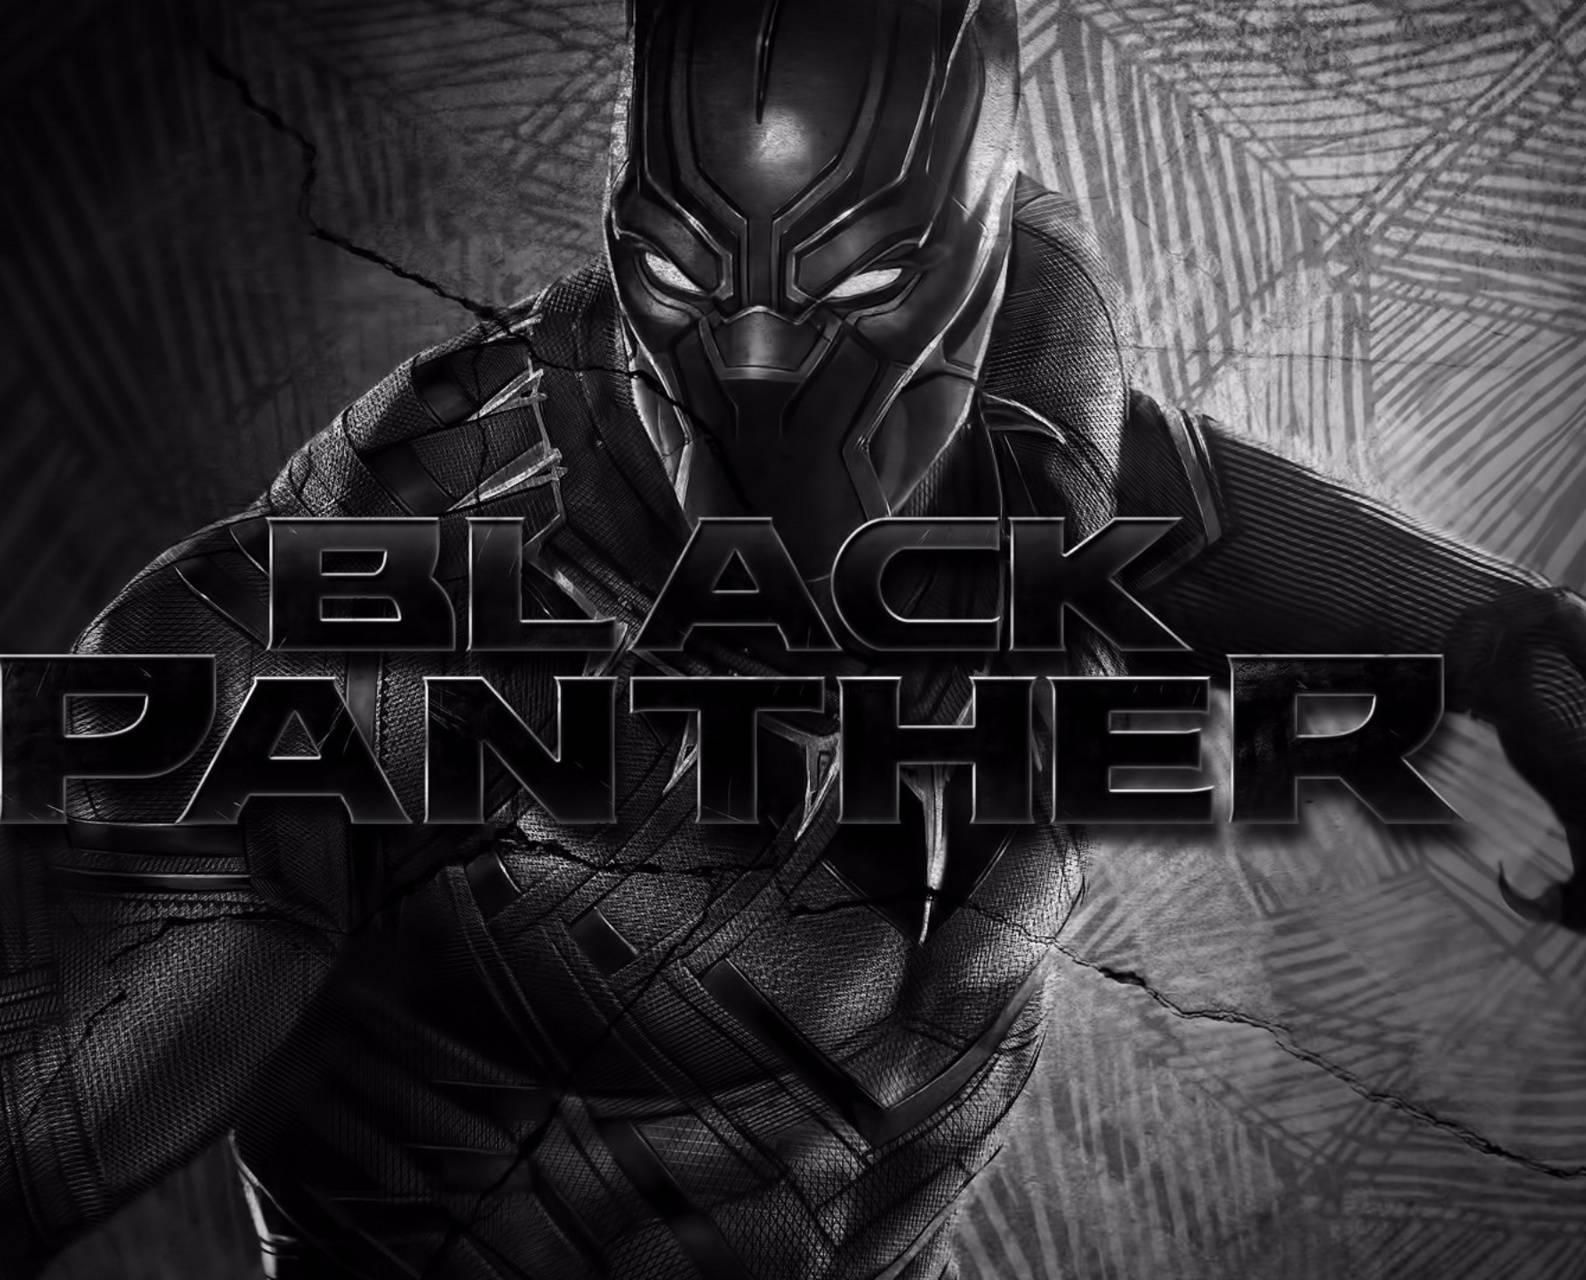 Marvel-Black Panther